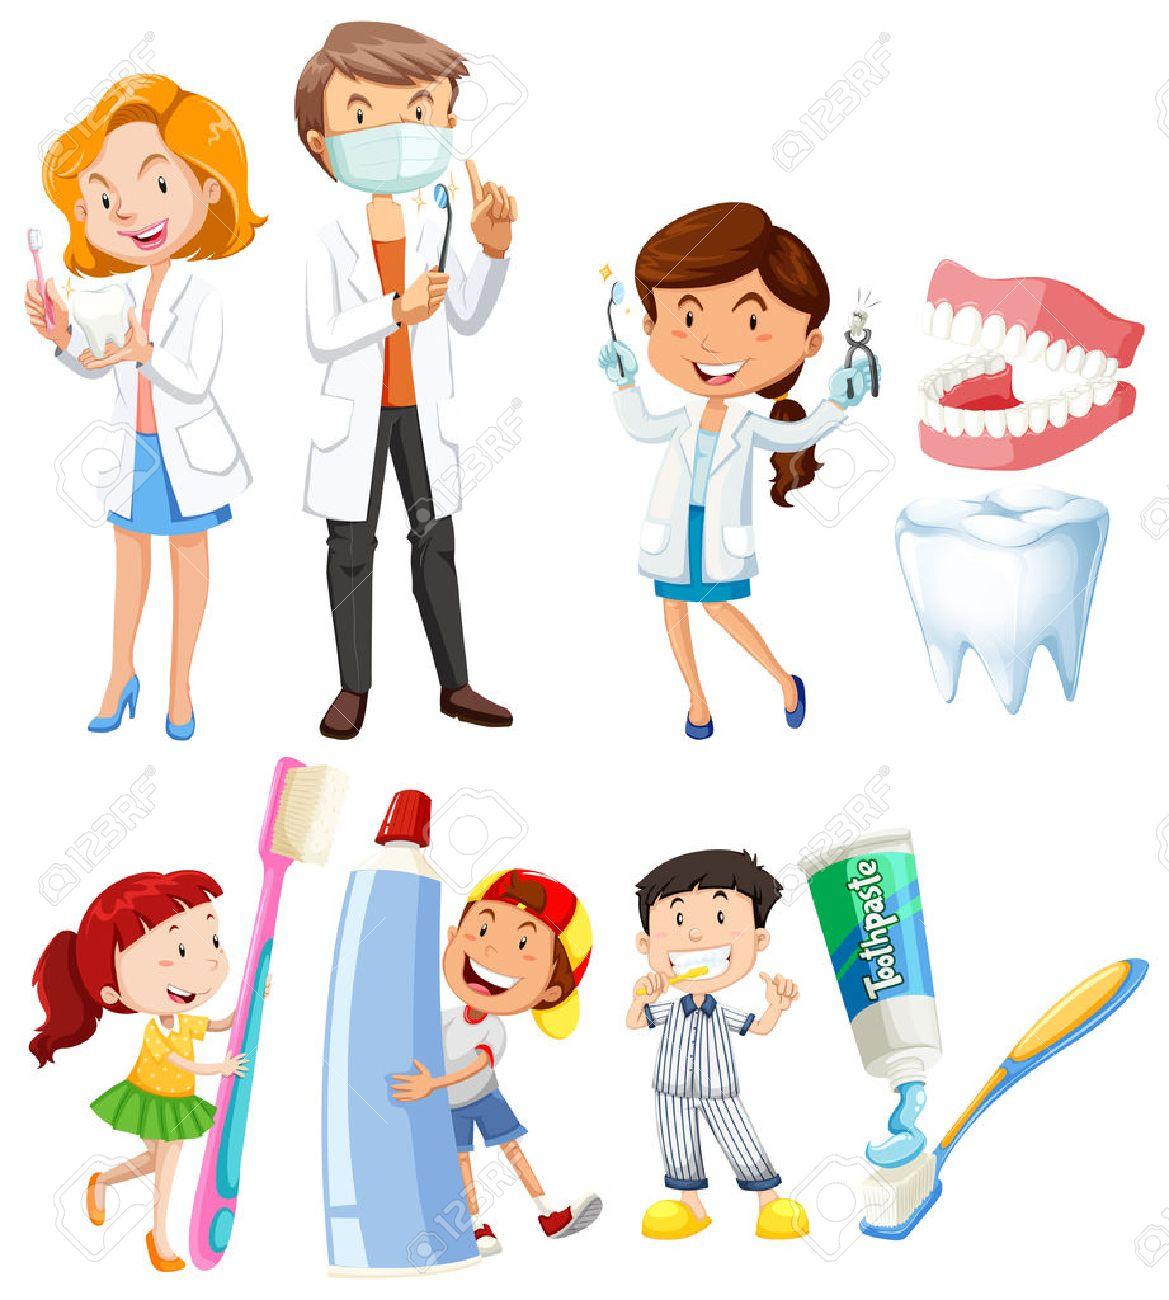 歯科医子供のブラッシング歯イラストのイラスト素材ベクタ Image